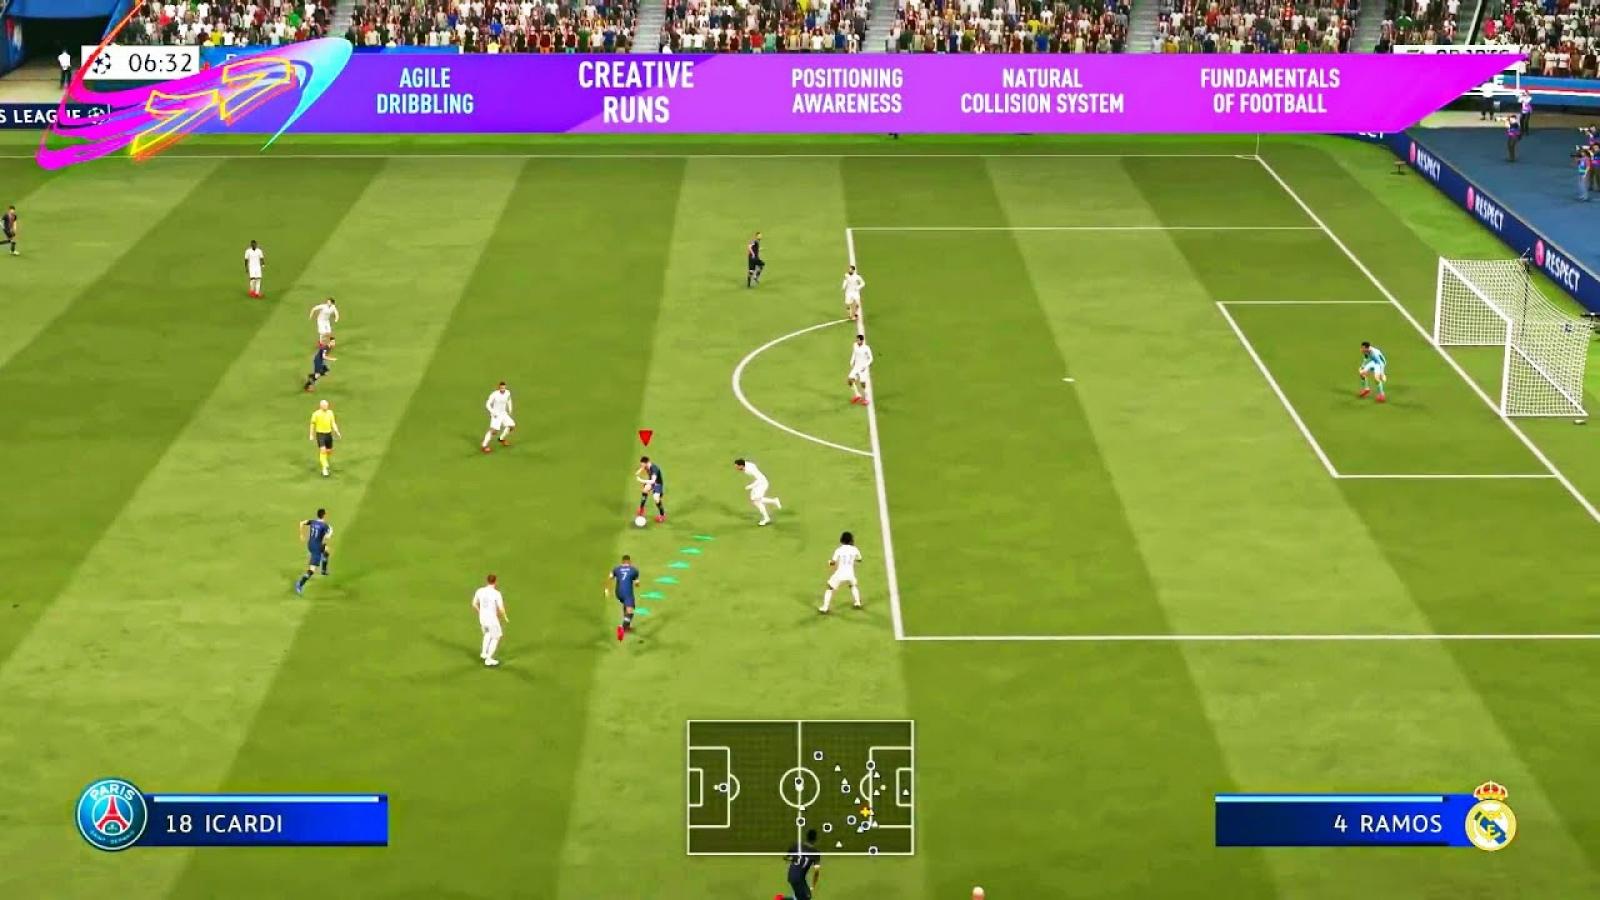 """VIDEO: Những pha bóng """"cười ra nước mắt"""" trong FIFA 21"""